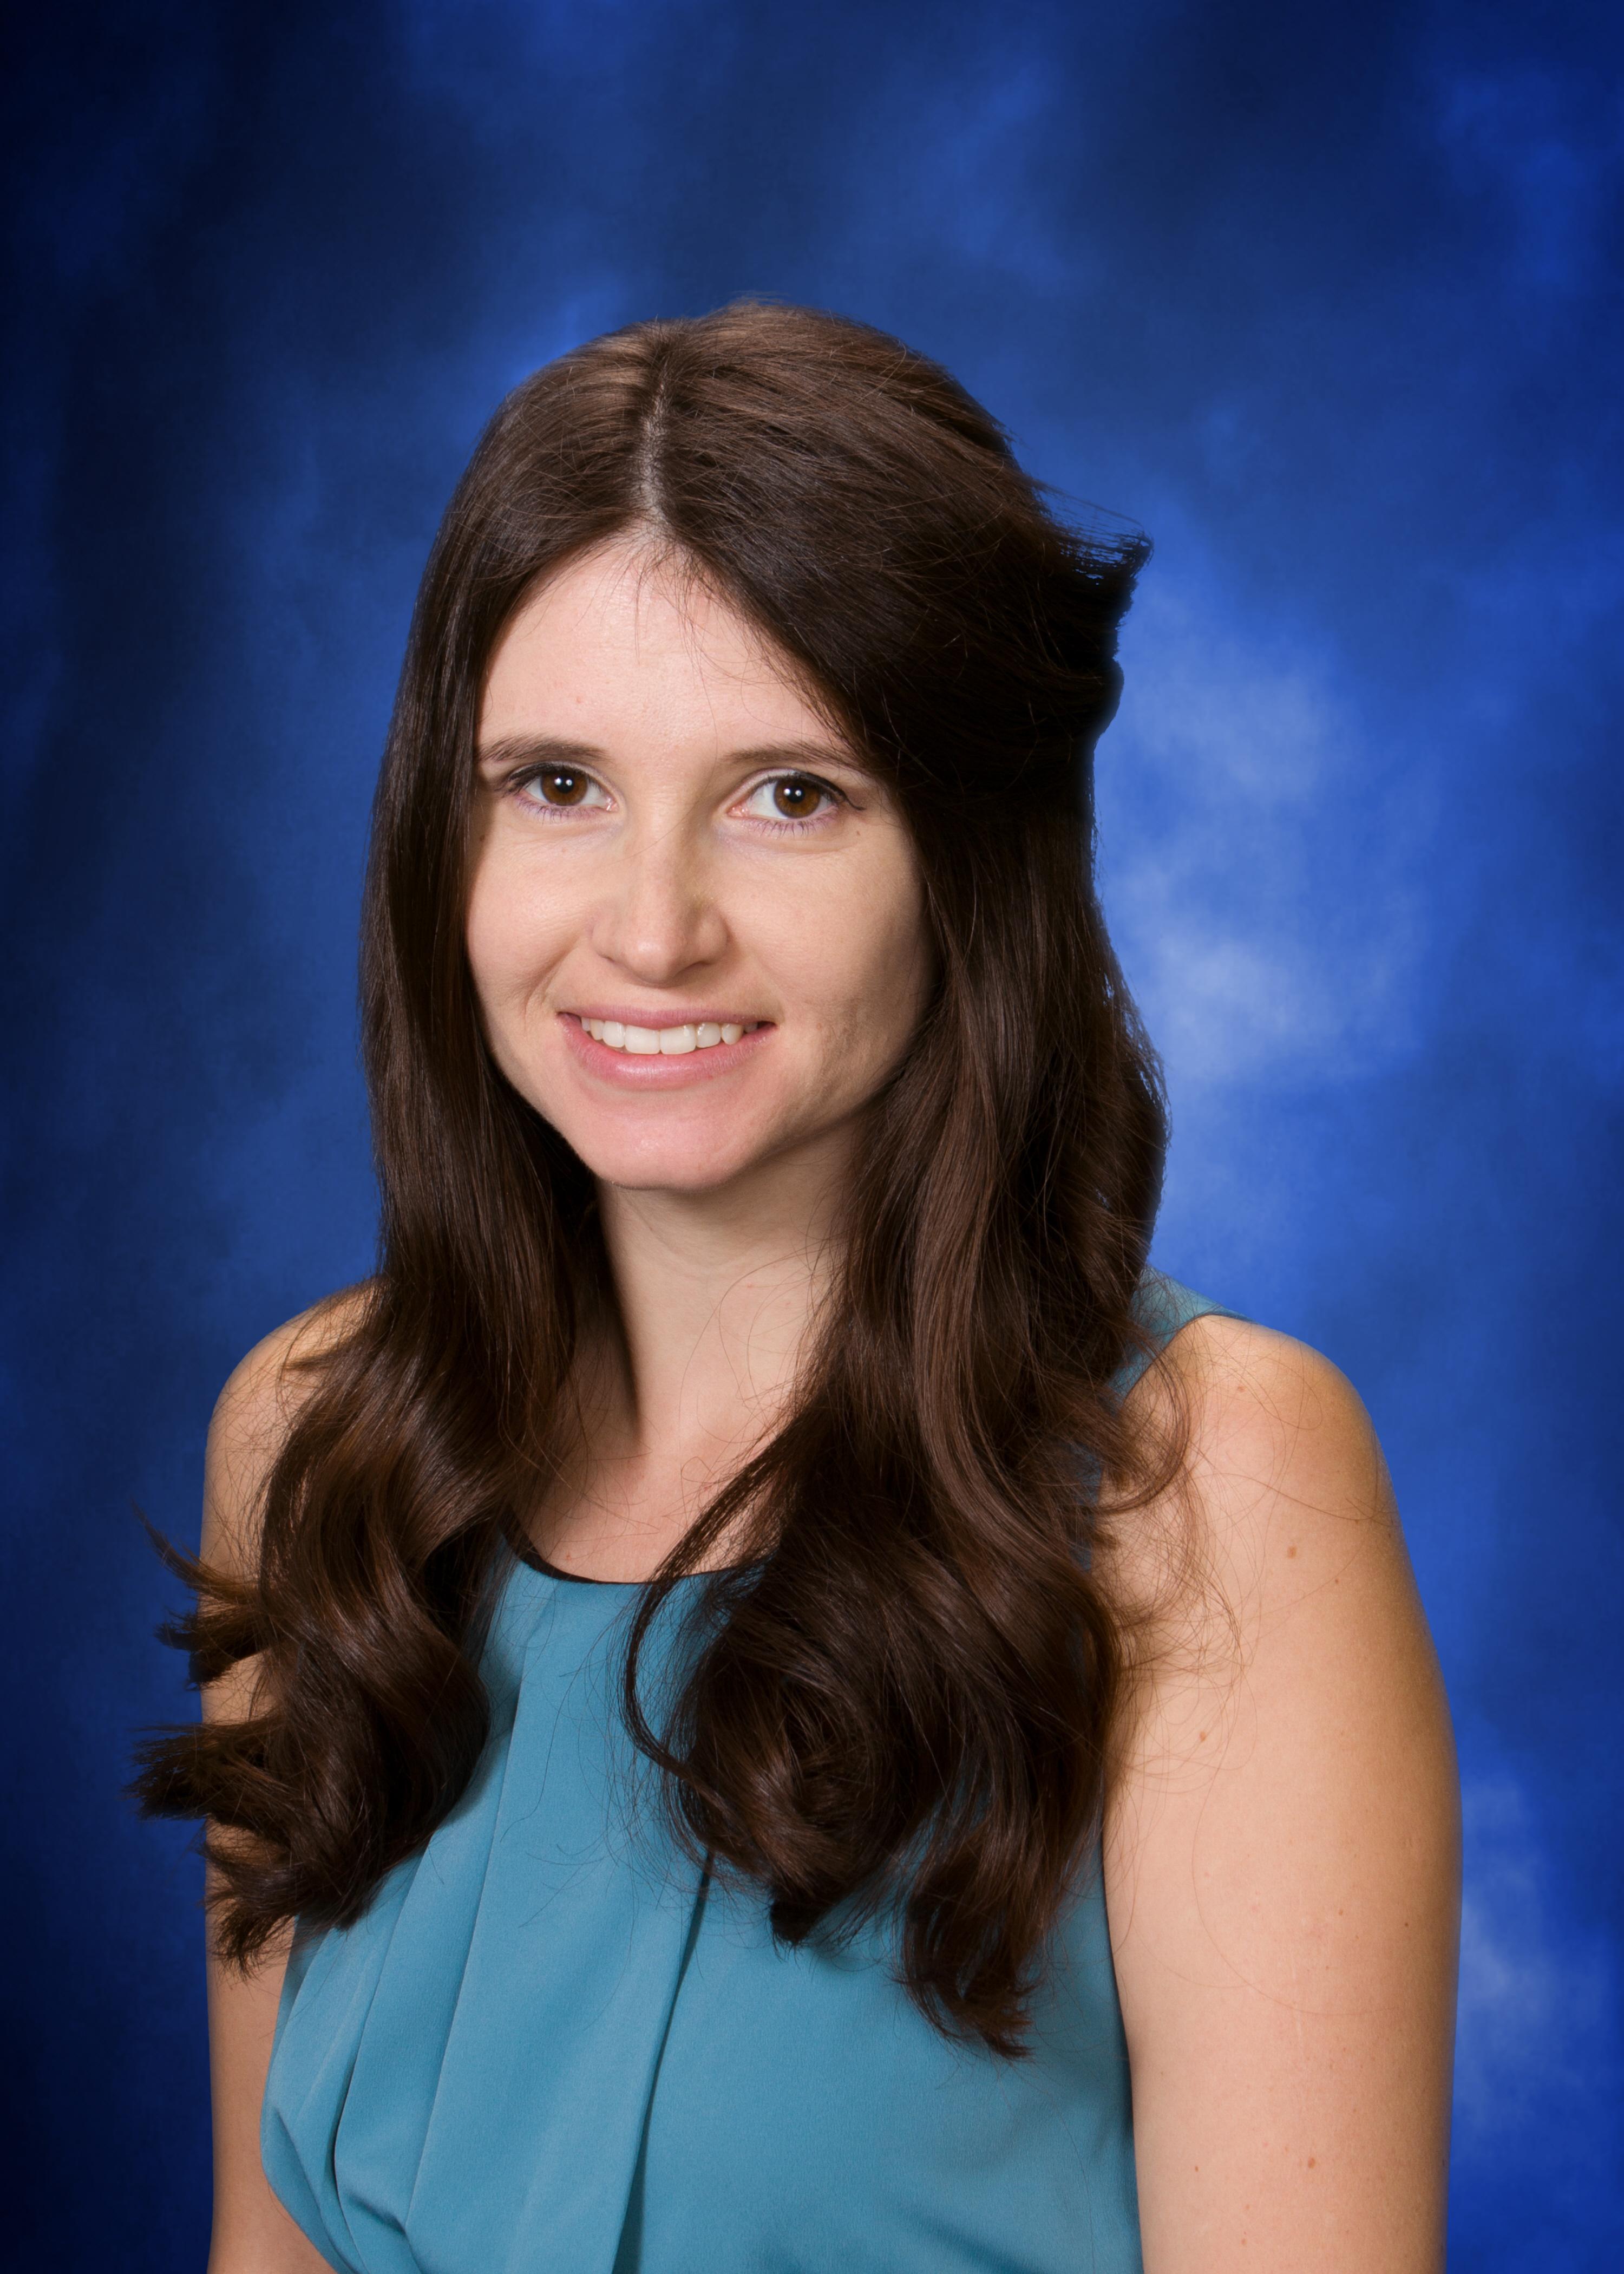 Mrs. Yuliya Schultz